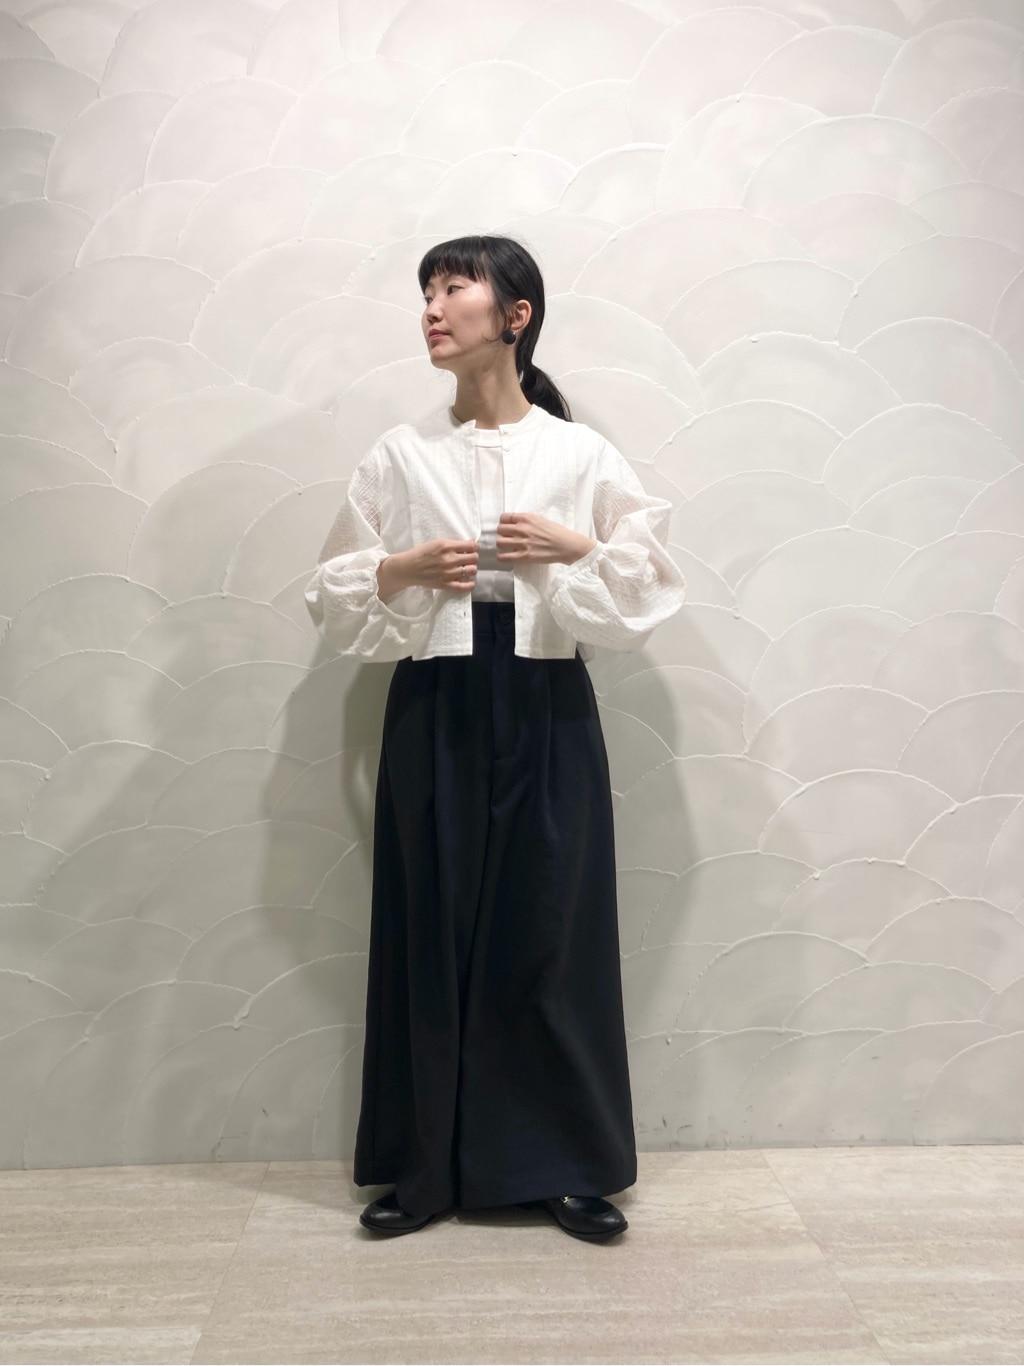 circle in circle ラフォーレ原宿 2021.04.26